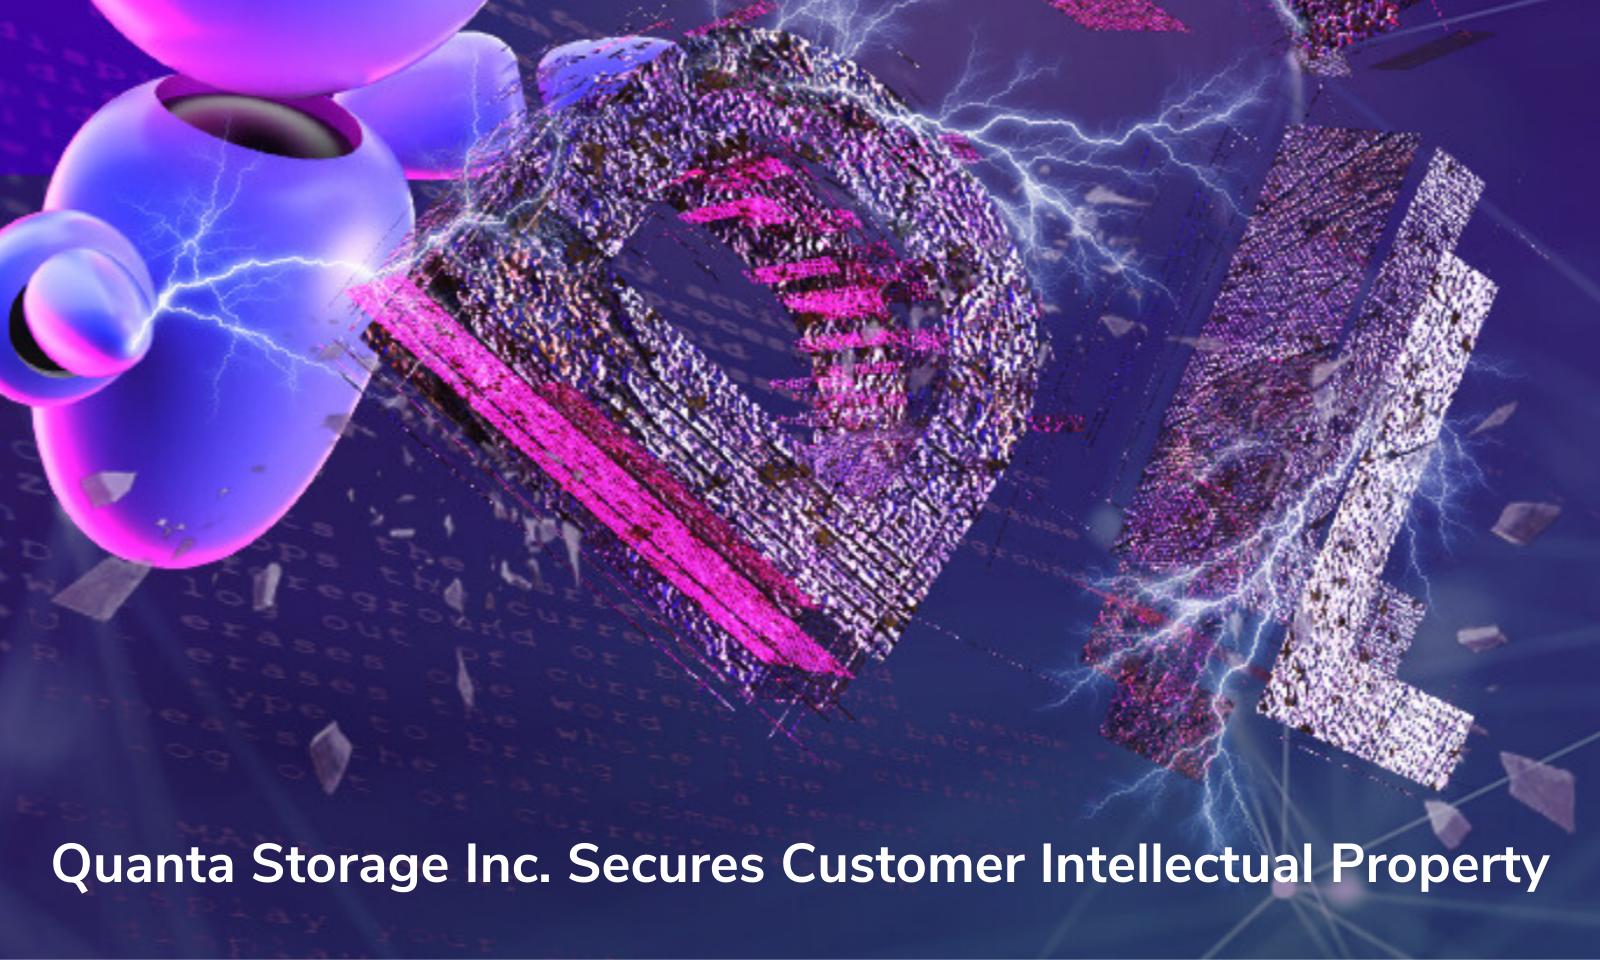 Quanta Storage Inc. protege a propriedade intelectual do cliente